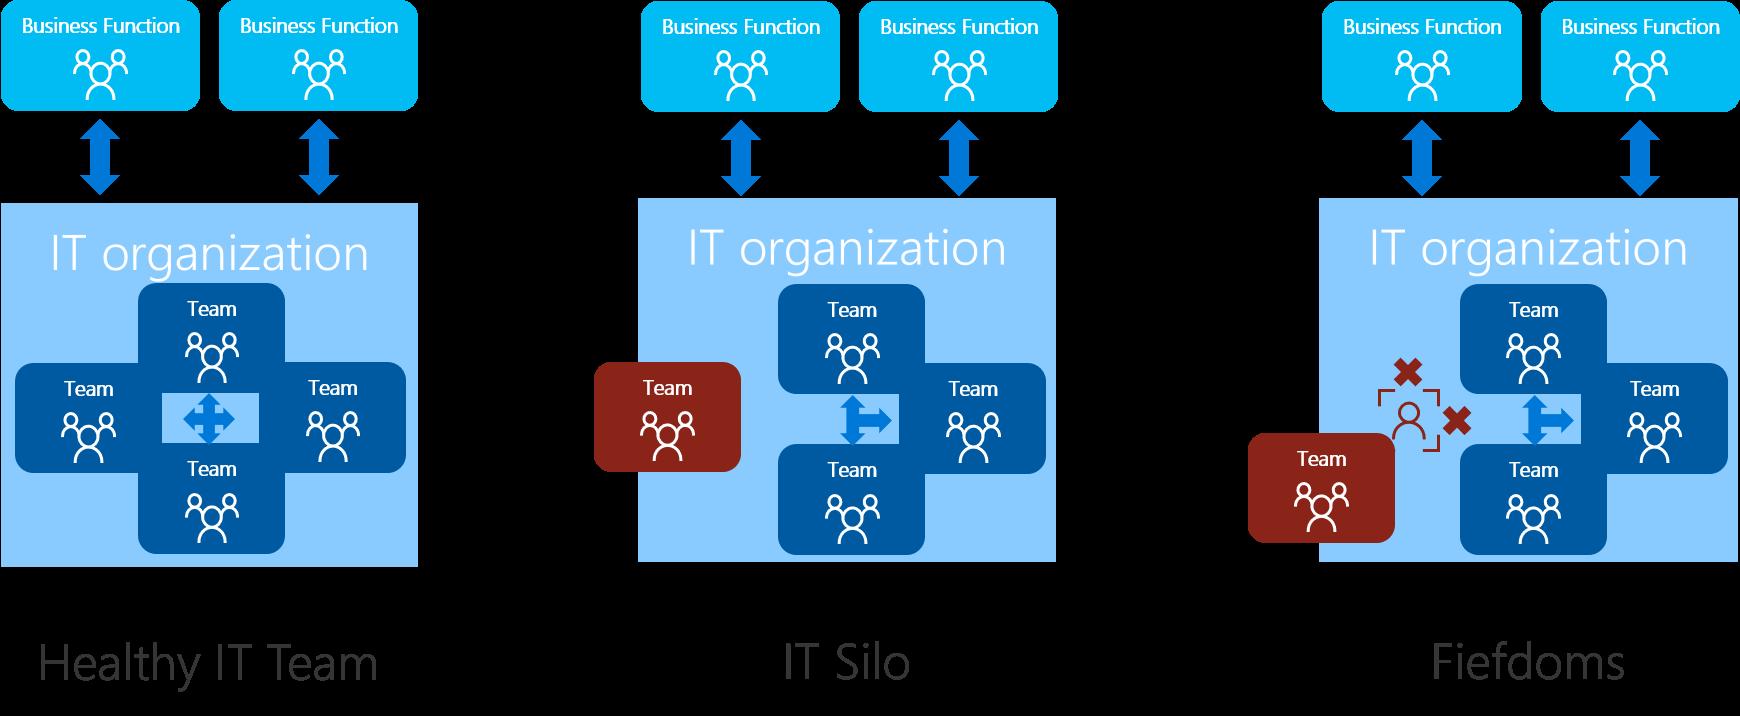 Islas Y Feudos Microsoft Cloud Adoption Framework For